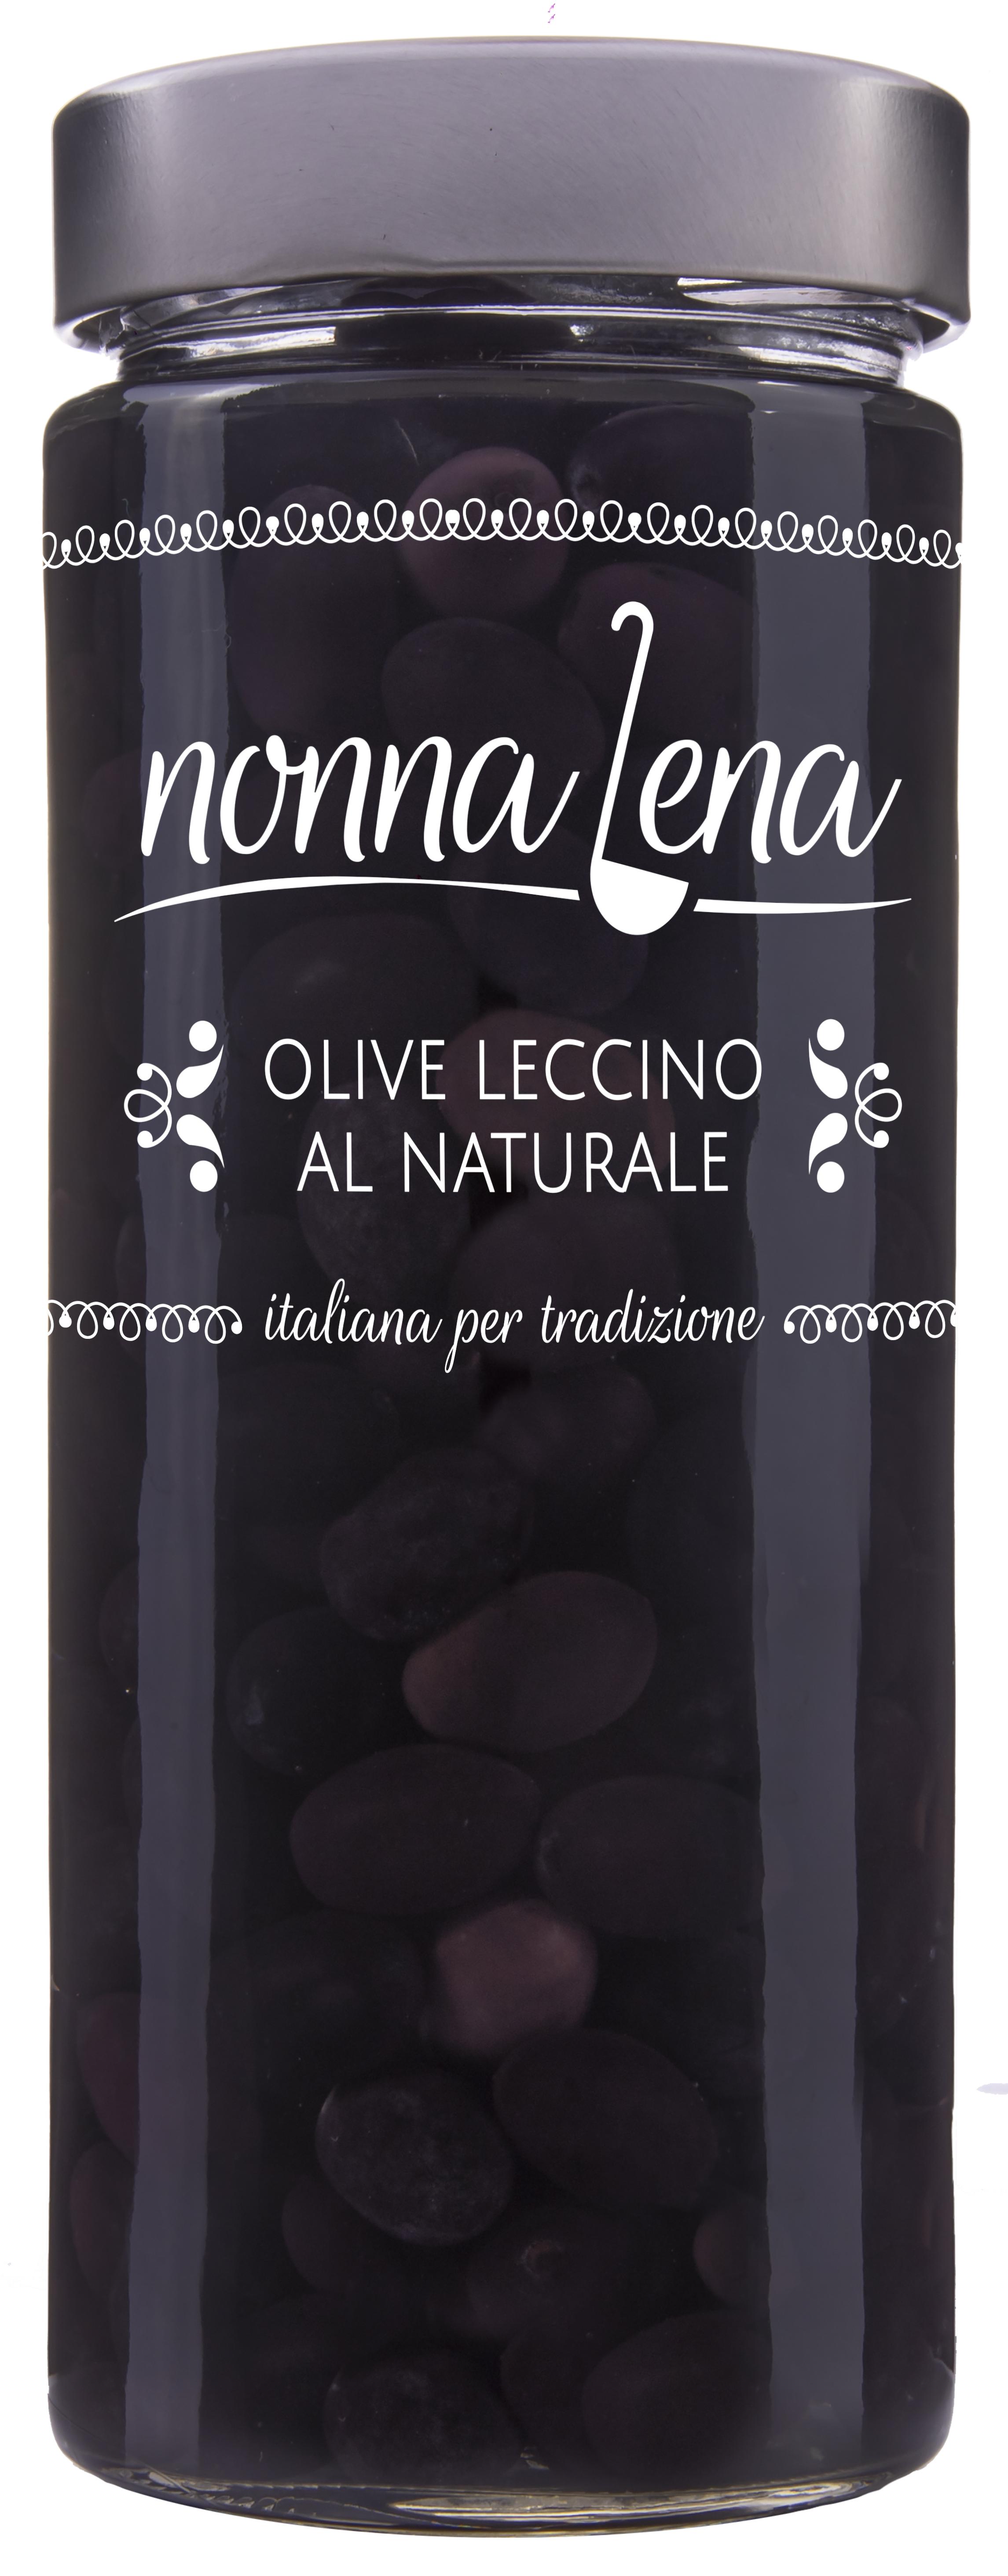 Olive Celline al naturale Nonna Lena